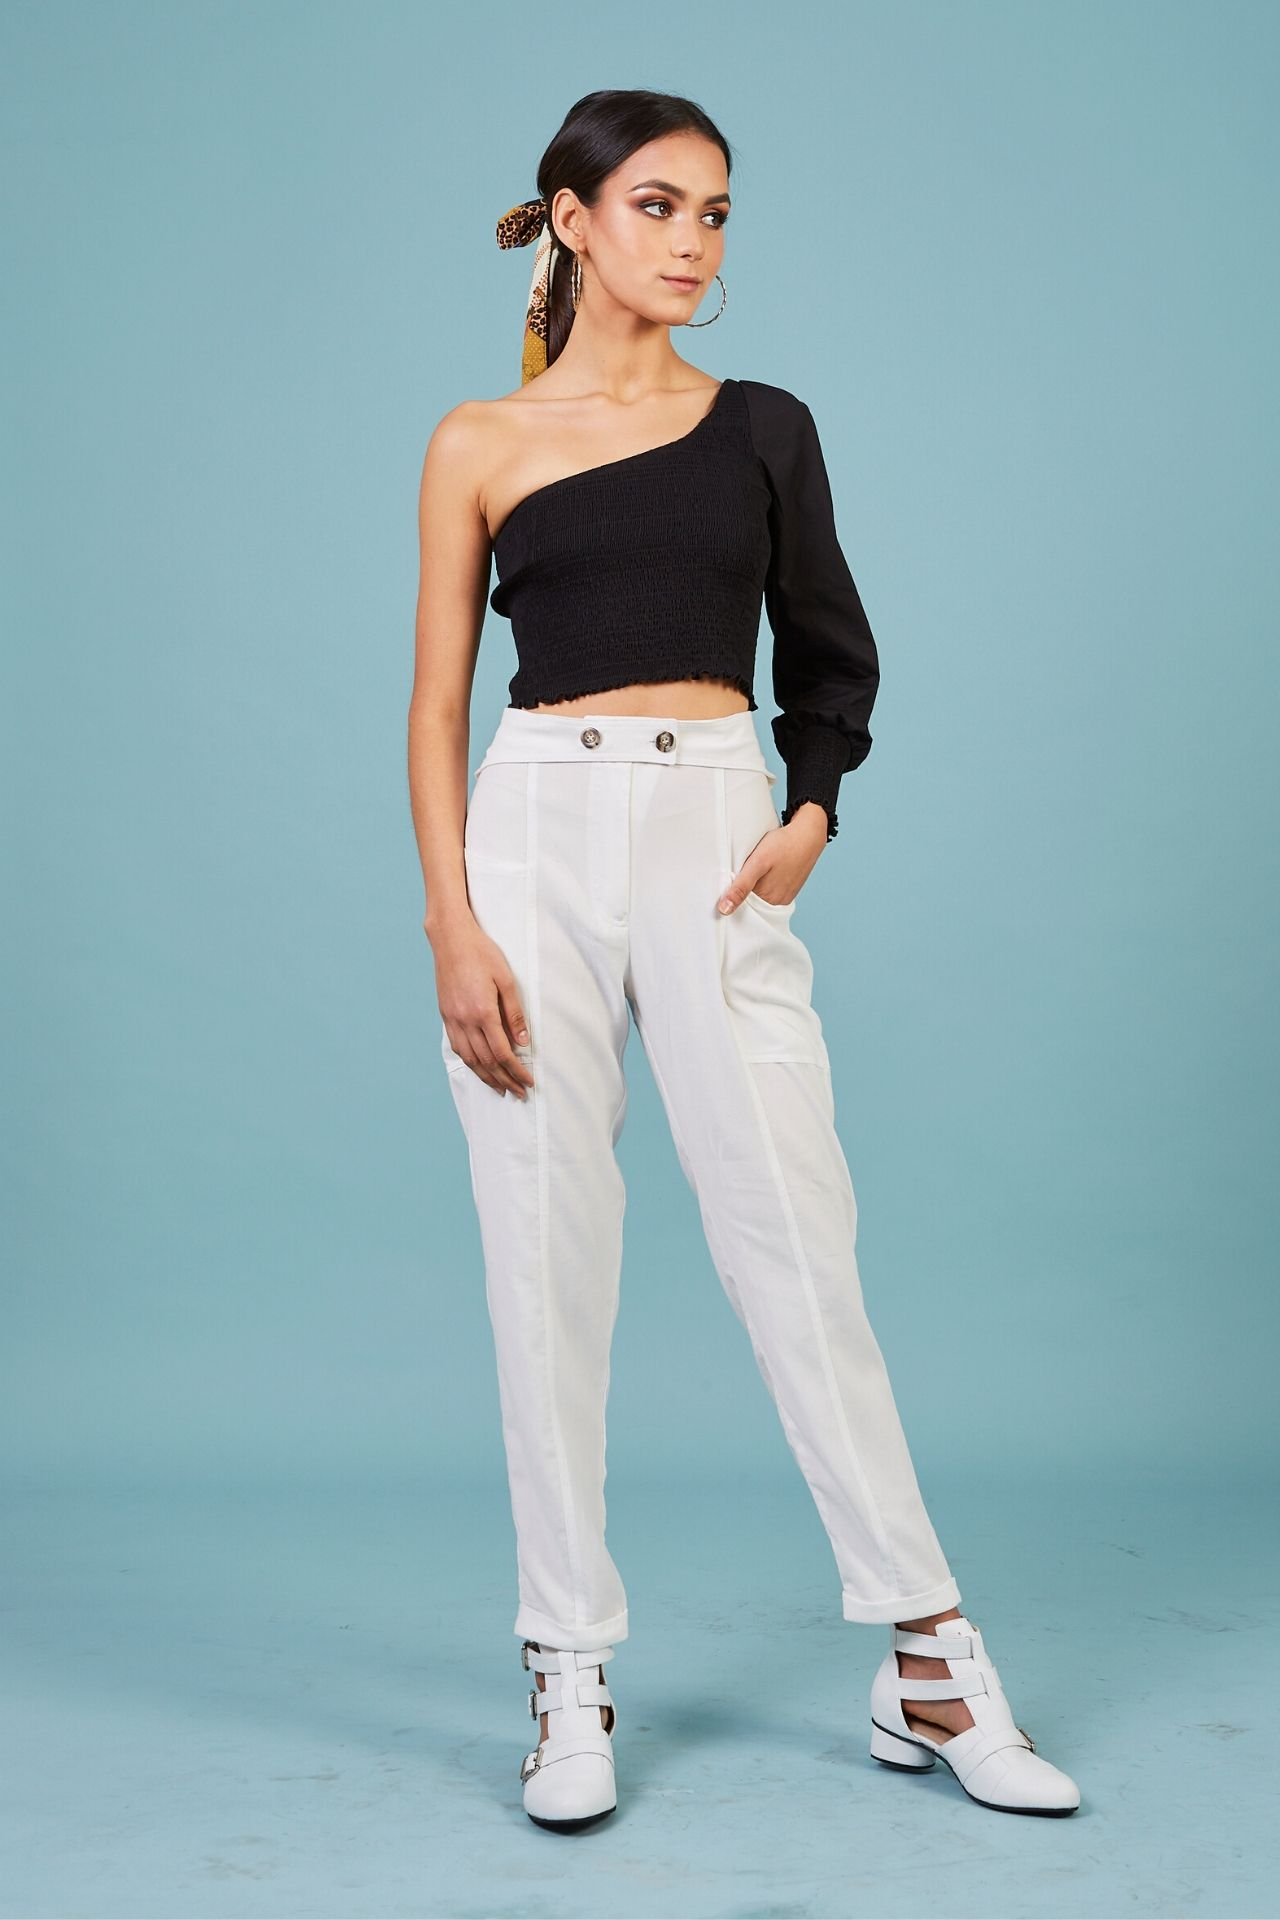 Pantalón a la cintura, bolsillos cargo, largo recto, cinturon añadido.  Material, rayón.